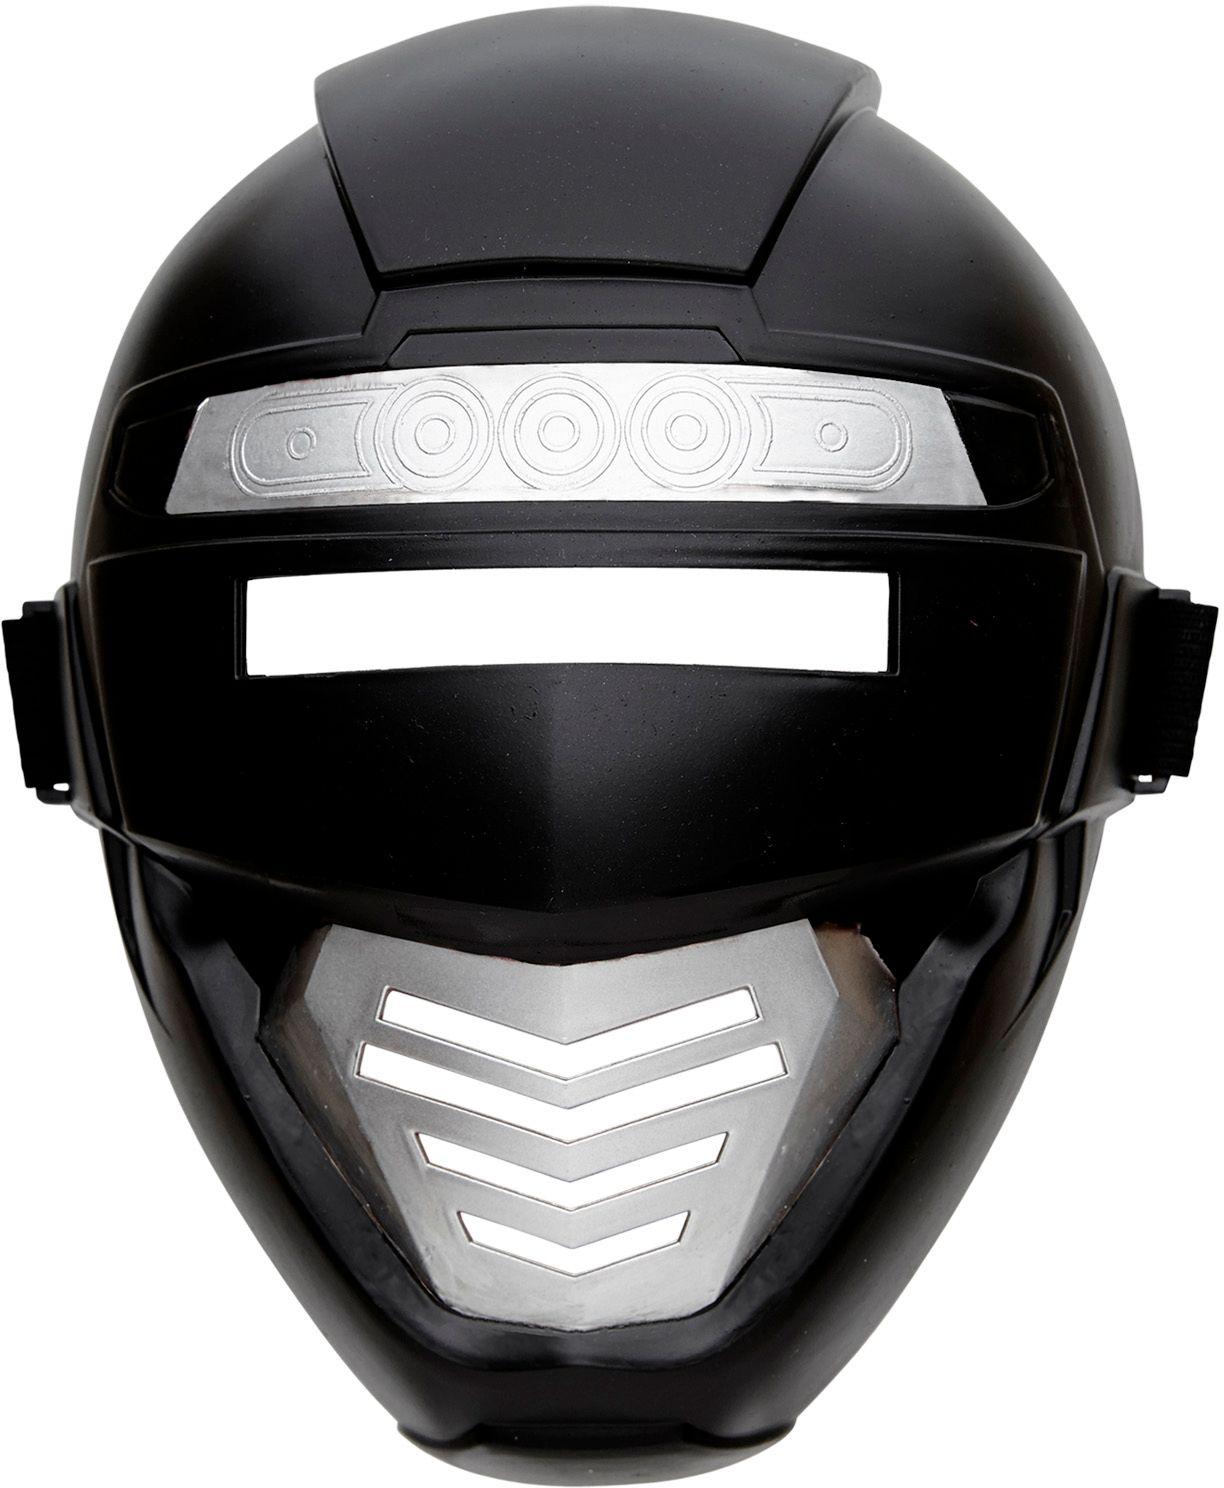 Zwarte robot masker